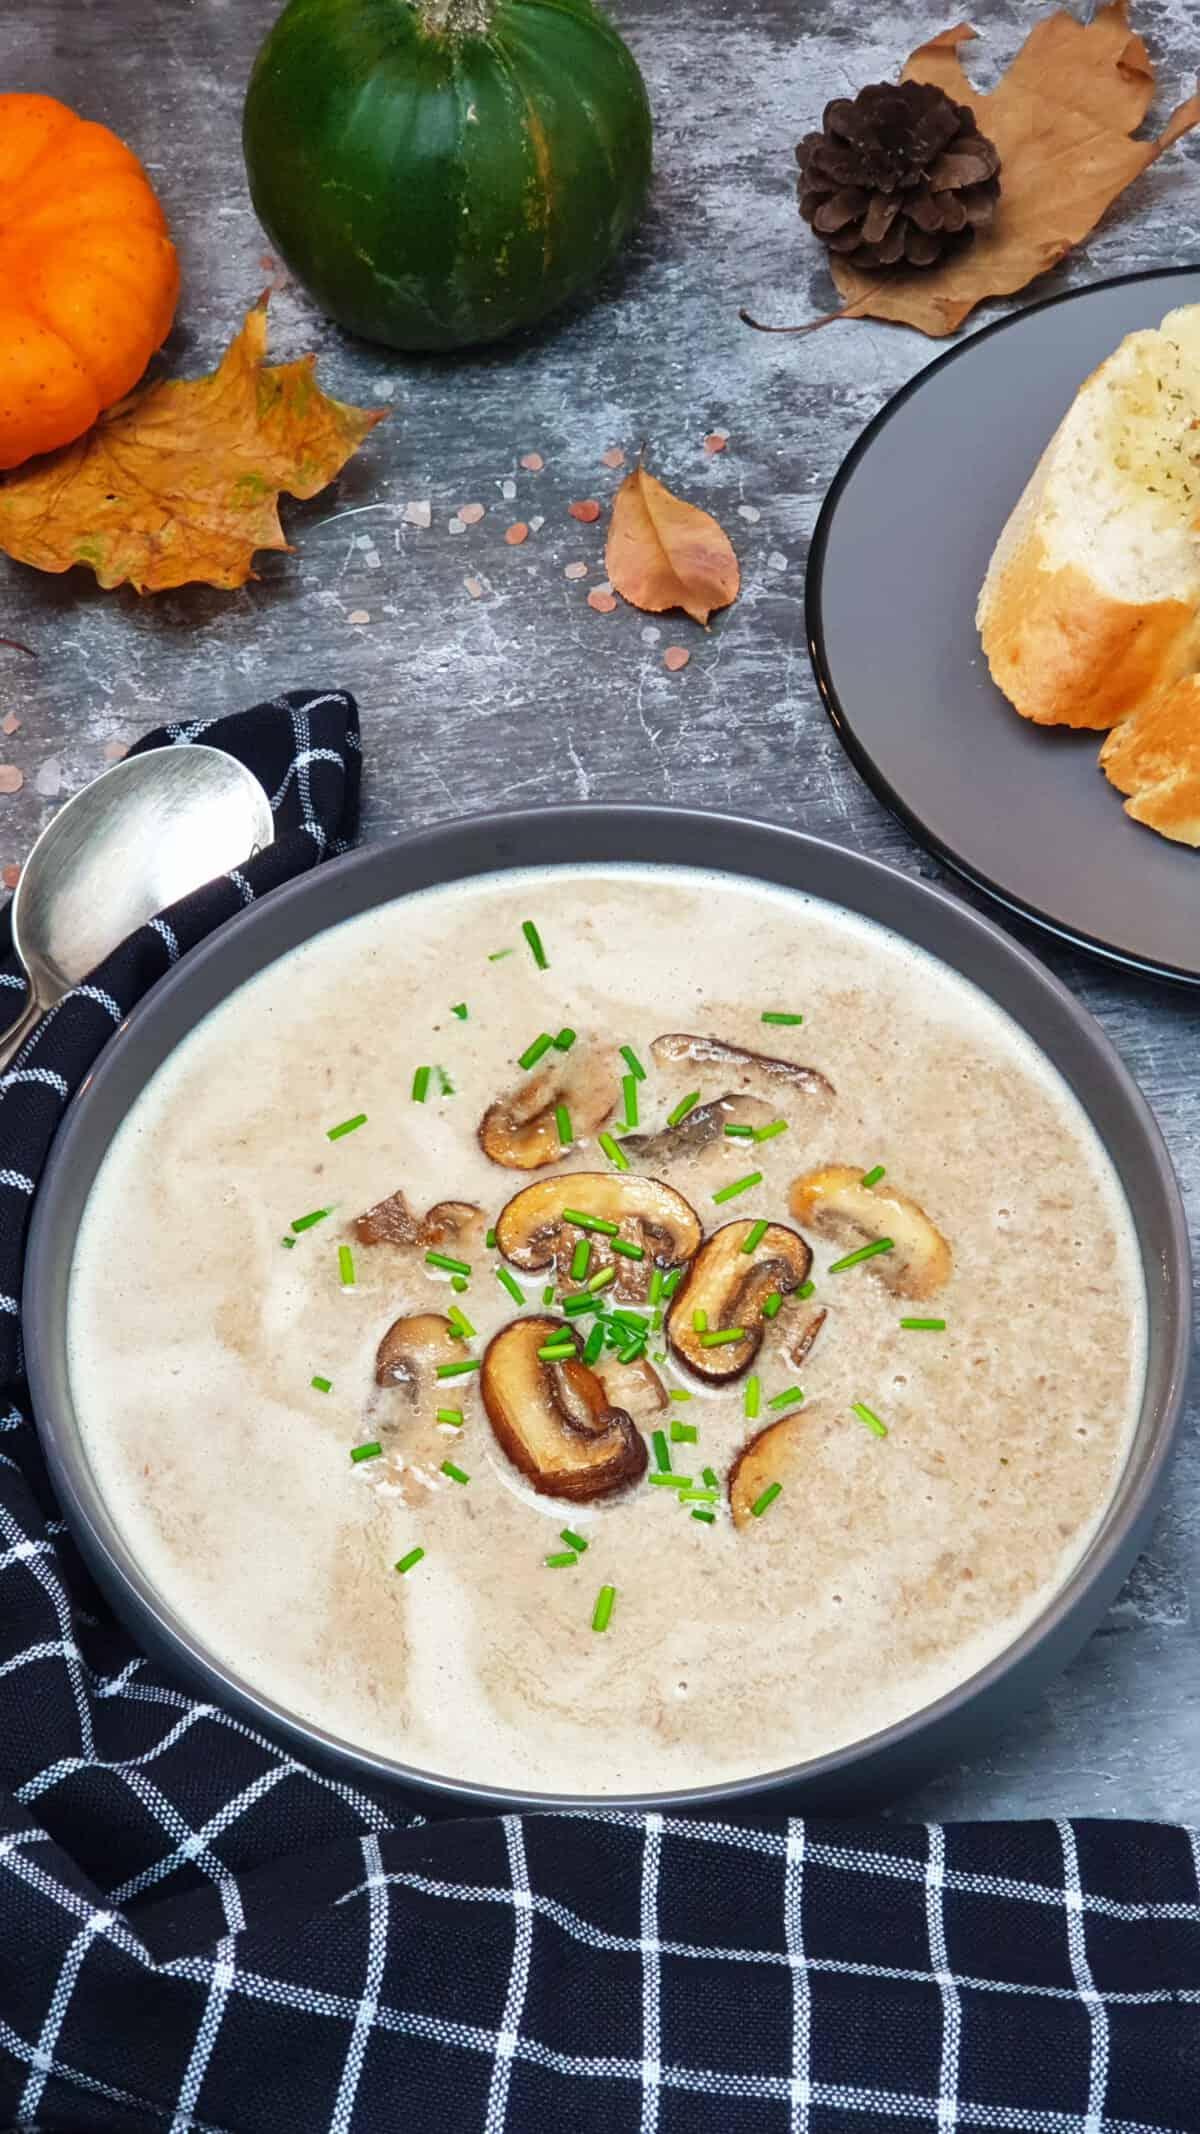 Pilz Creme Suppe mit Champignons in einer grauen Schale serviert. Mit Schnittlauch bestreut. Im Hintergrund Herbst Deko.